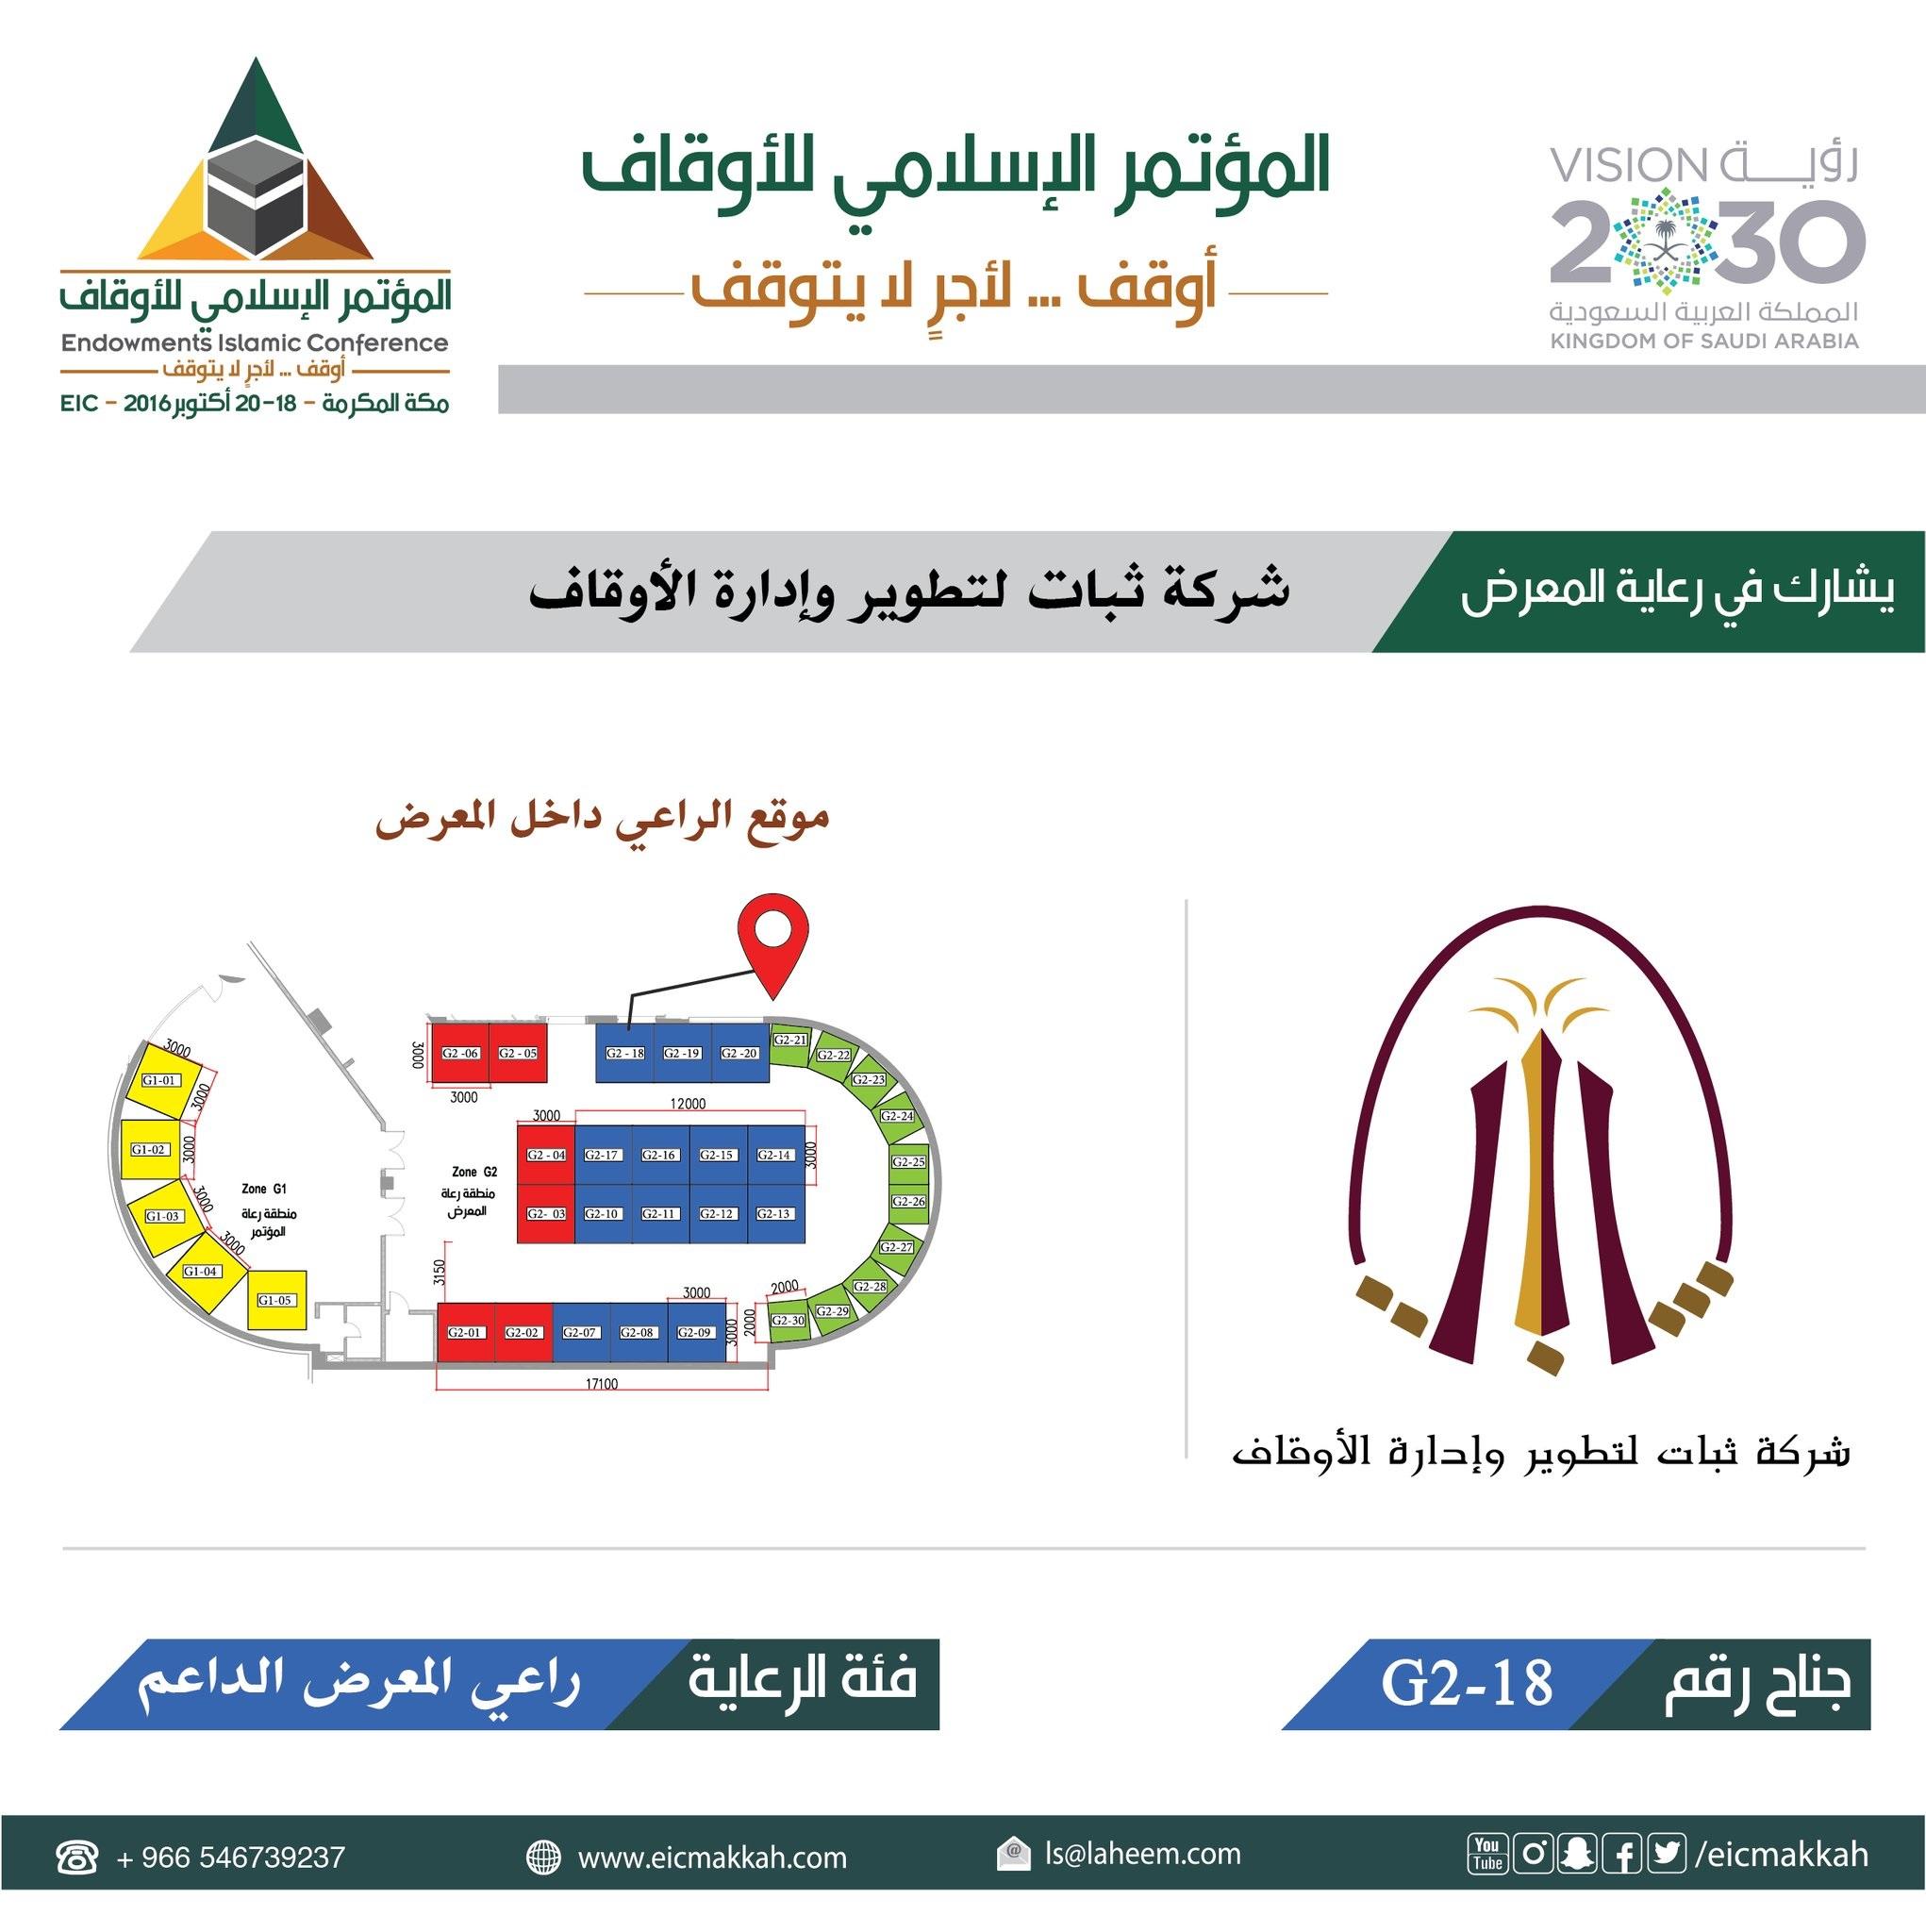 المؤتمر الاسلامي للأوقاف